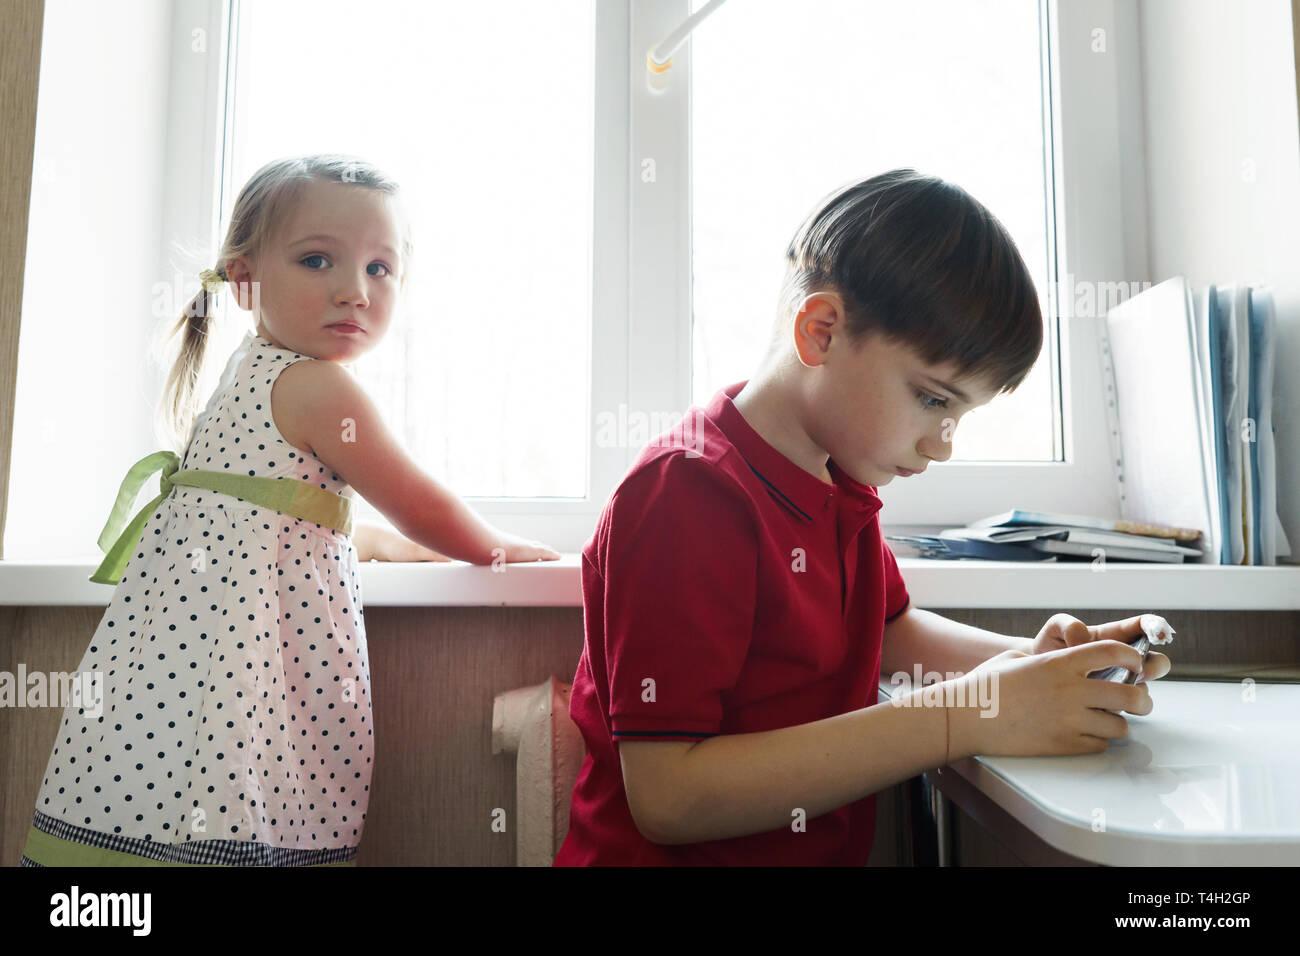 Sorella e fratello sono seduti in cucina e giocare con il telefono Foto Stock